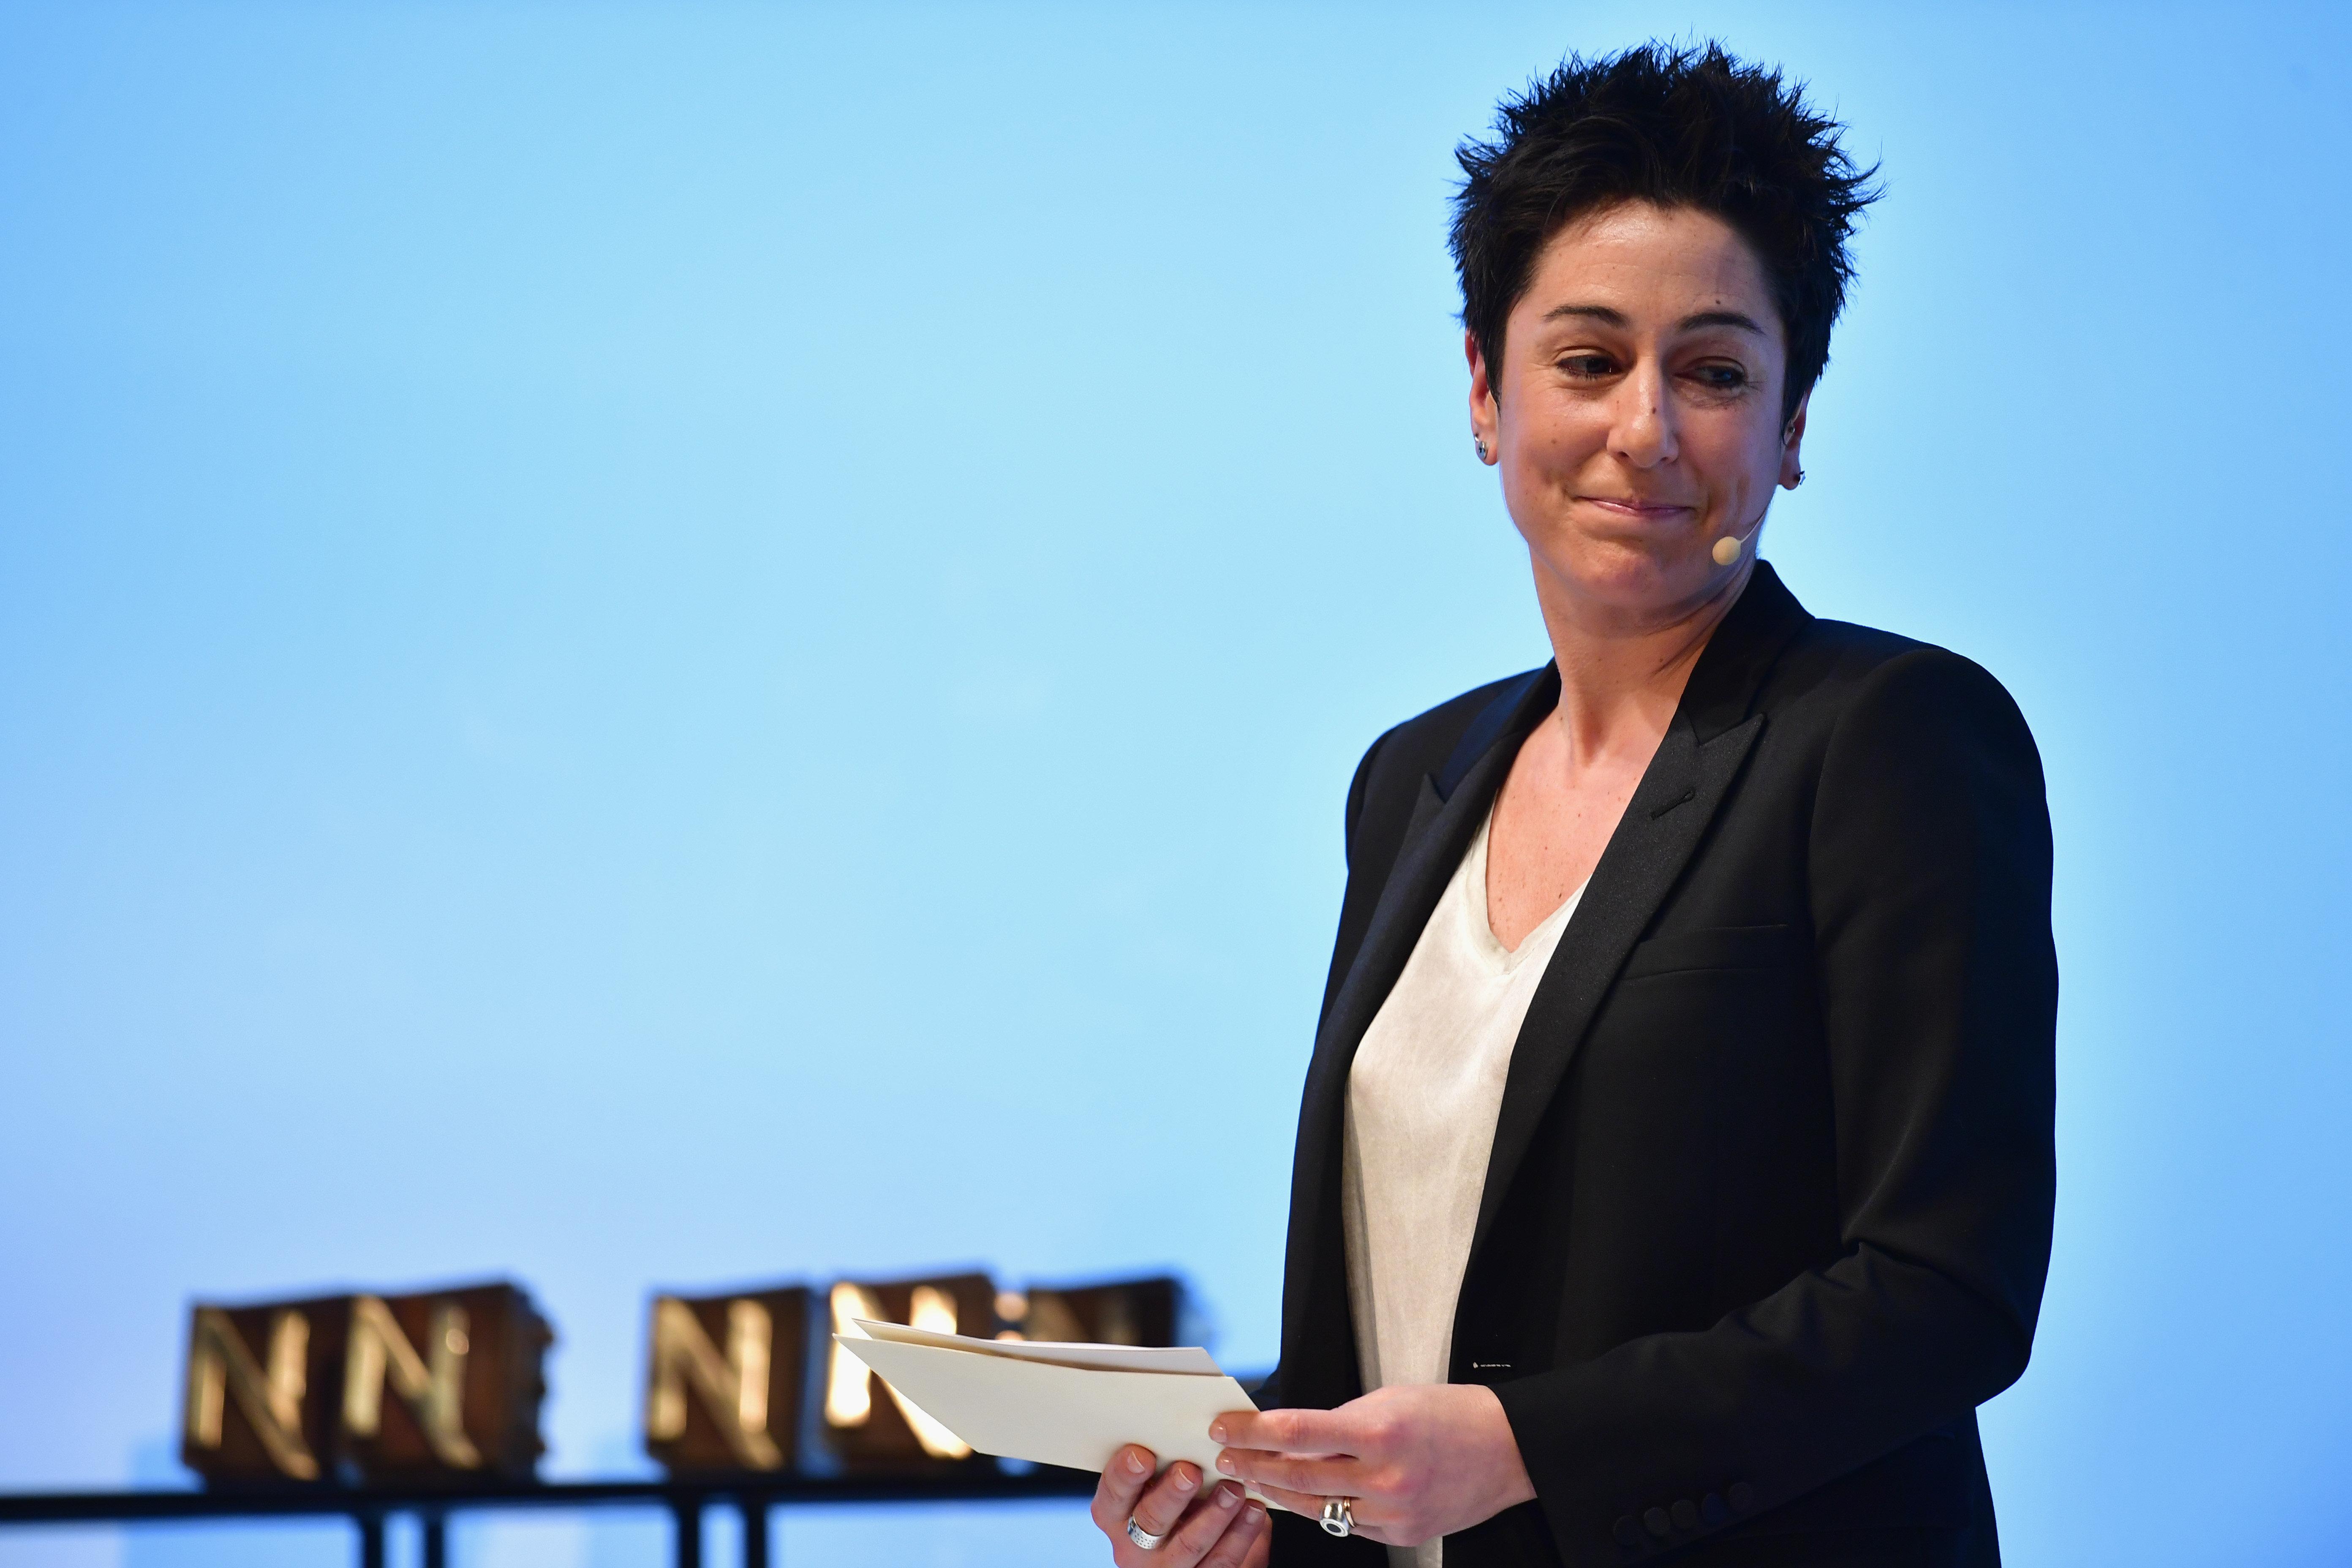 Alexander Koerner via Getty Images                                 Dunja Hayali ist eine von Deutschlands bekanntesten Journalistinnen und Moderatorinnen